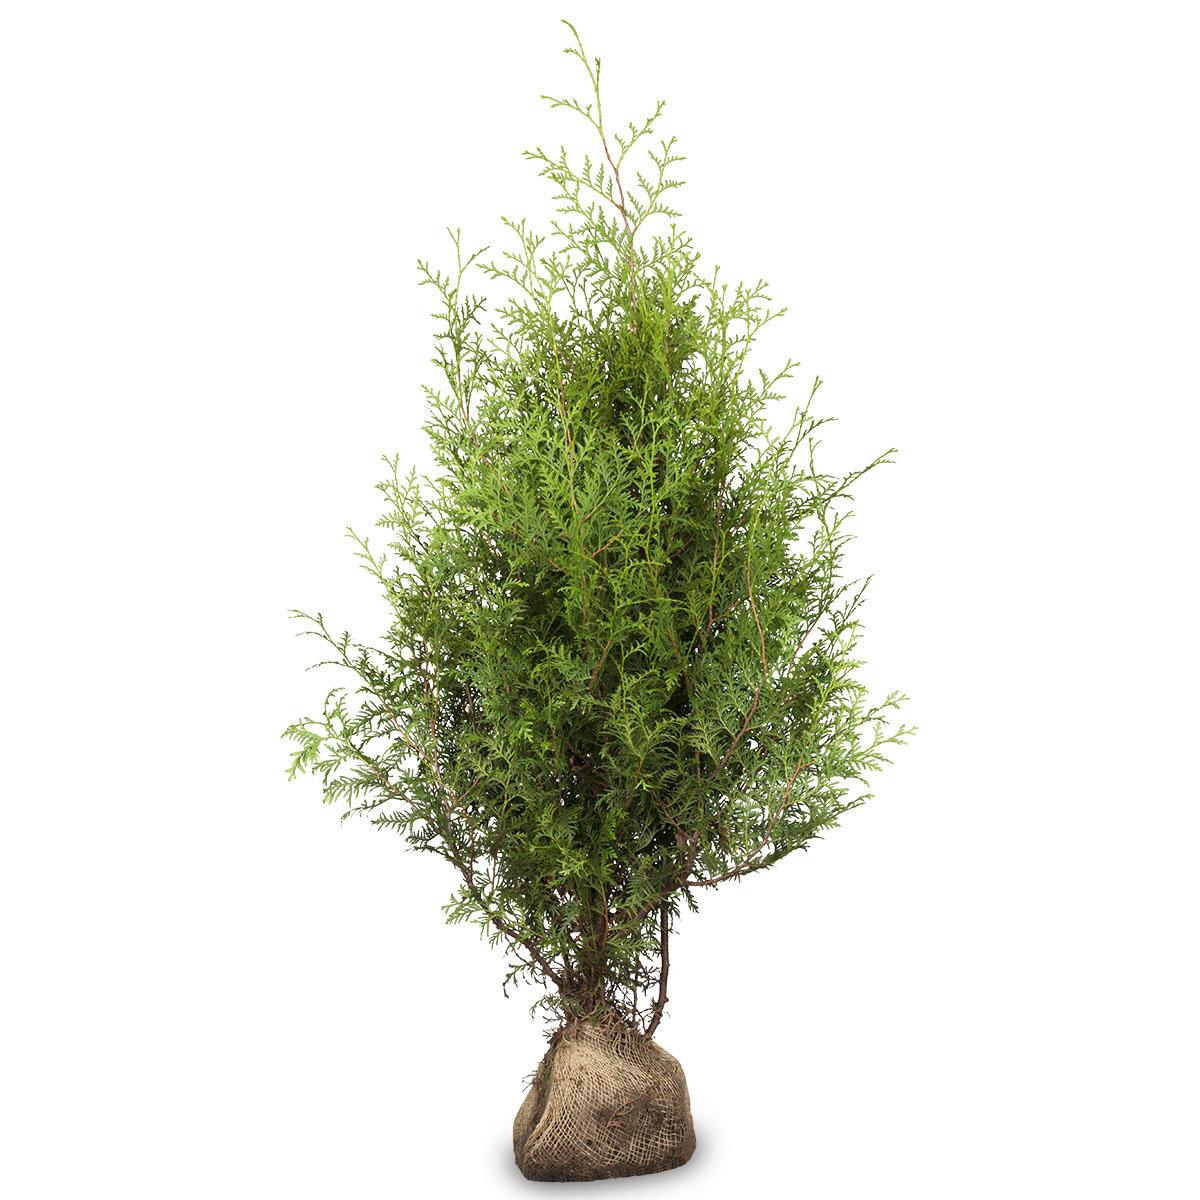 Großgebinde Lebensbaum Brabant 80 - 100, 100 Pflanzen | #2